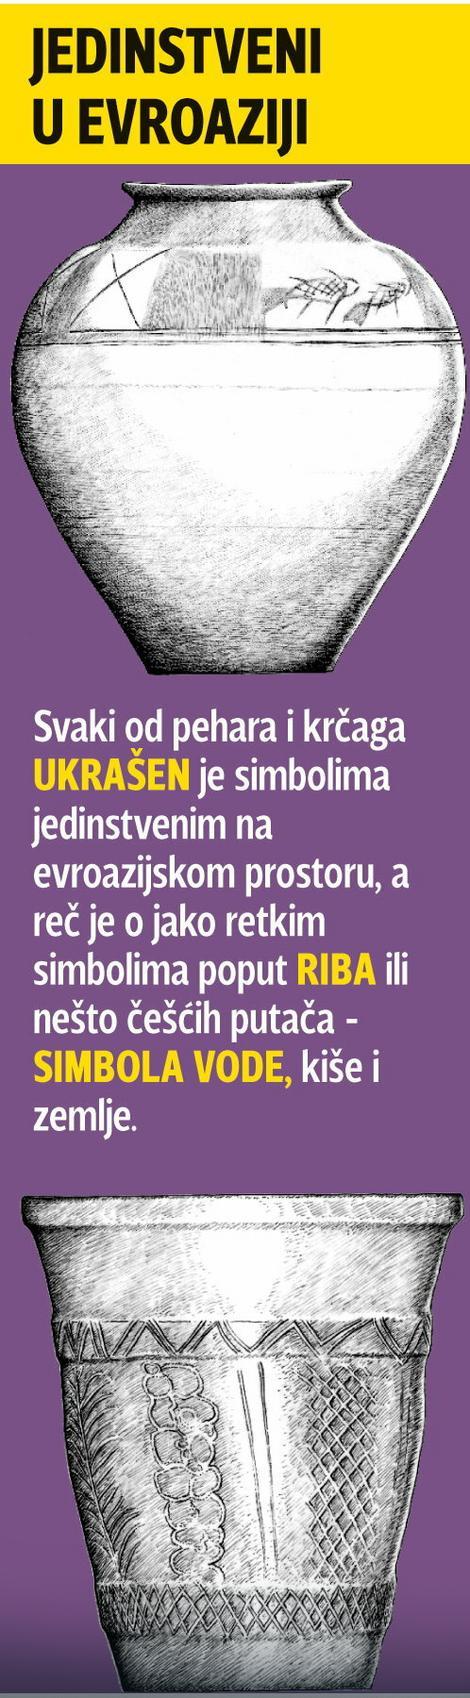 Јеринин град - Брагановић, Ваљево 08114a0baf4f9b09a7ebce47dc0c4c23